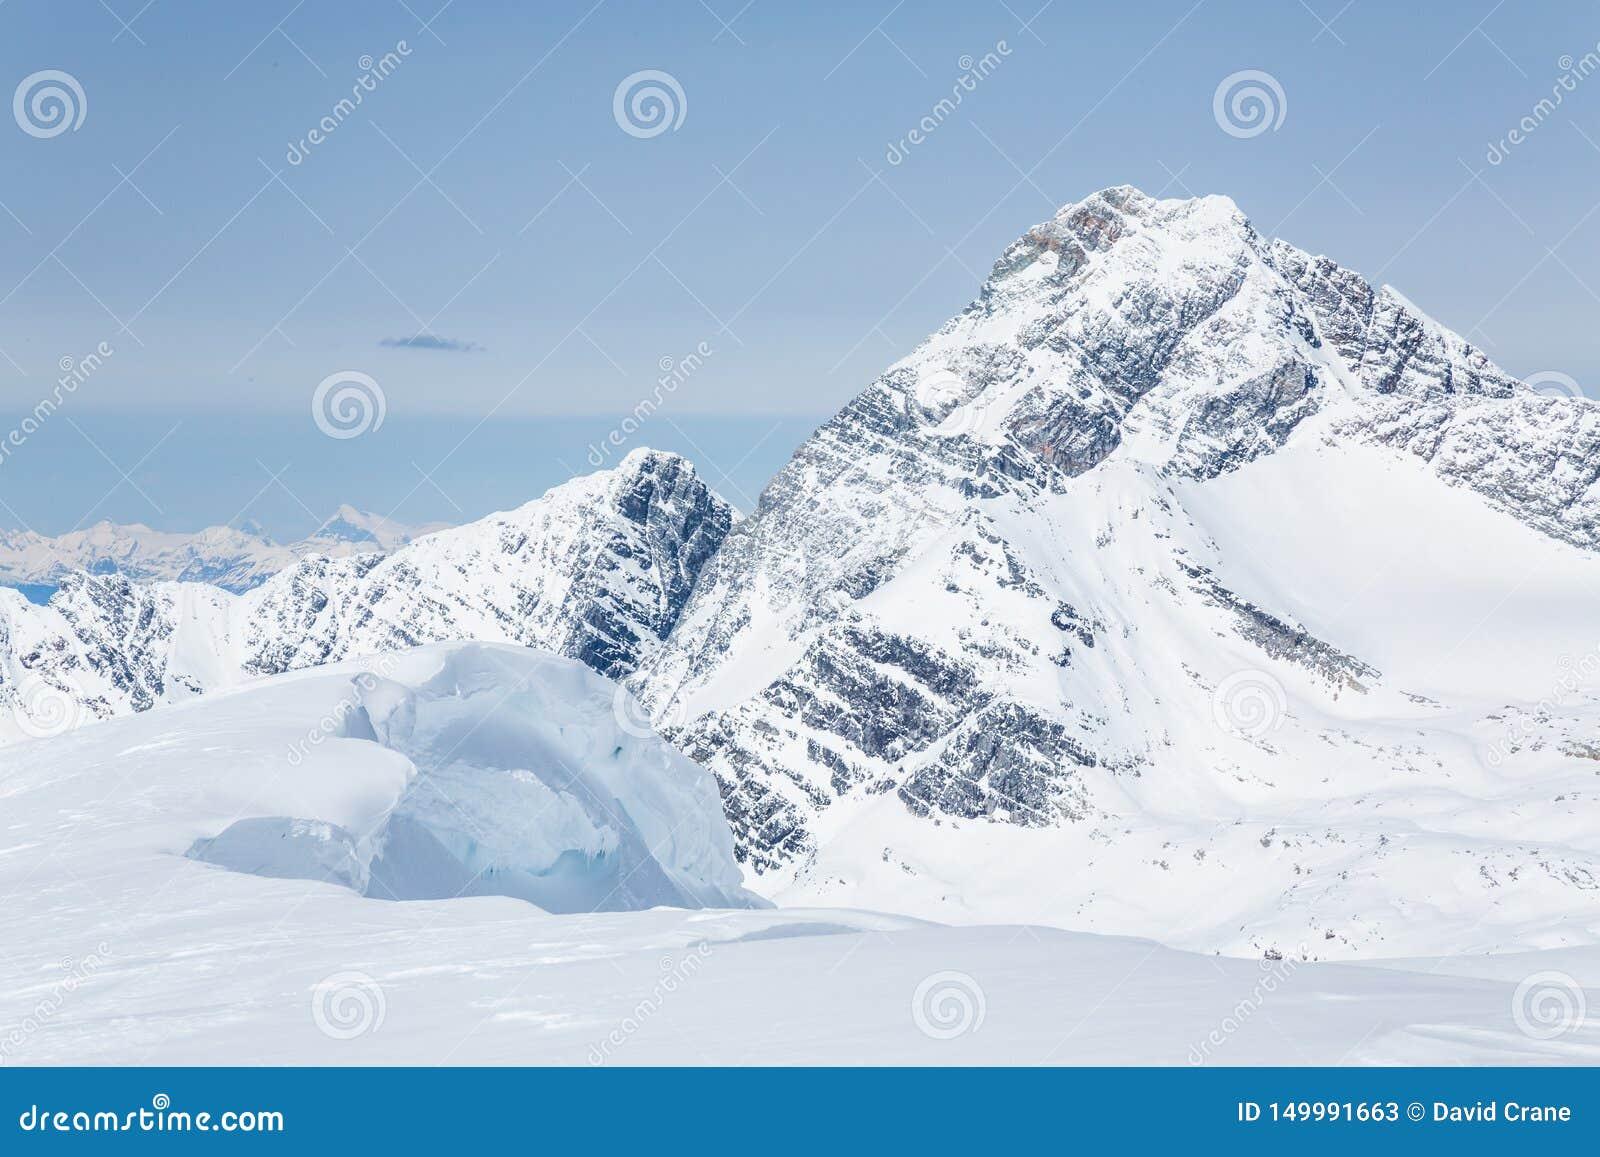 La grande corniche de la neige surplombante des jeunes font une pointe regarder le bâti Sir Donald